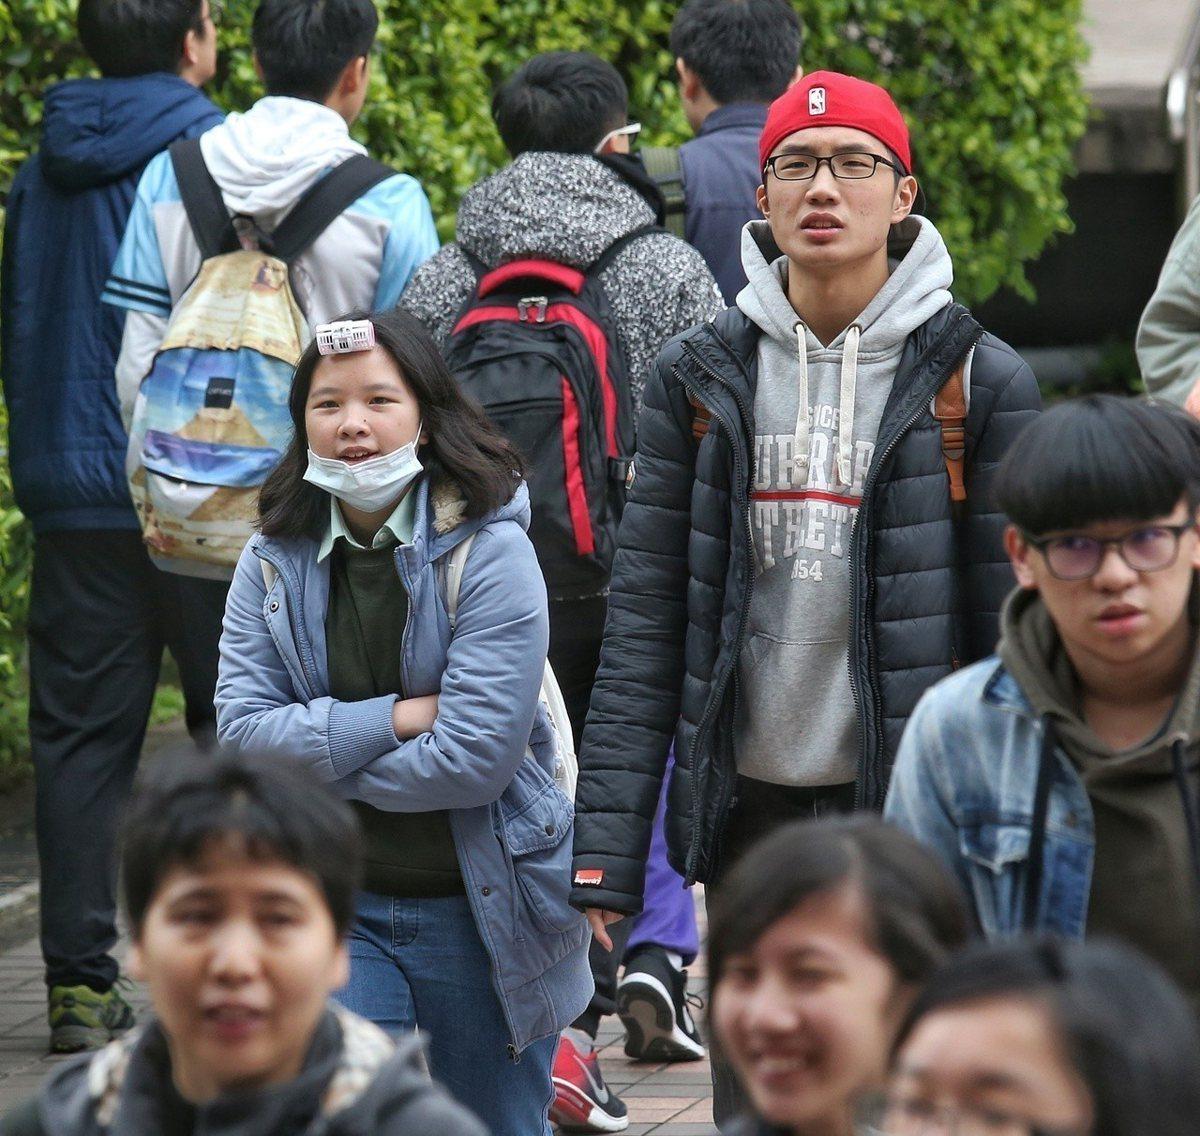 北部地區氣溫偏低,許多考生戴著口罩穿著厚外套,寒風中拚金榜。